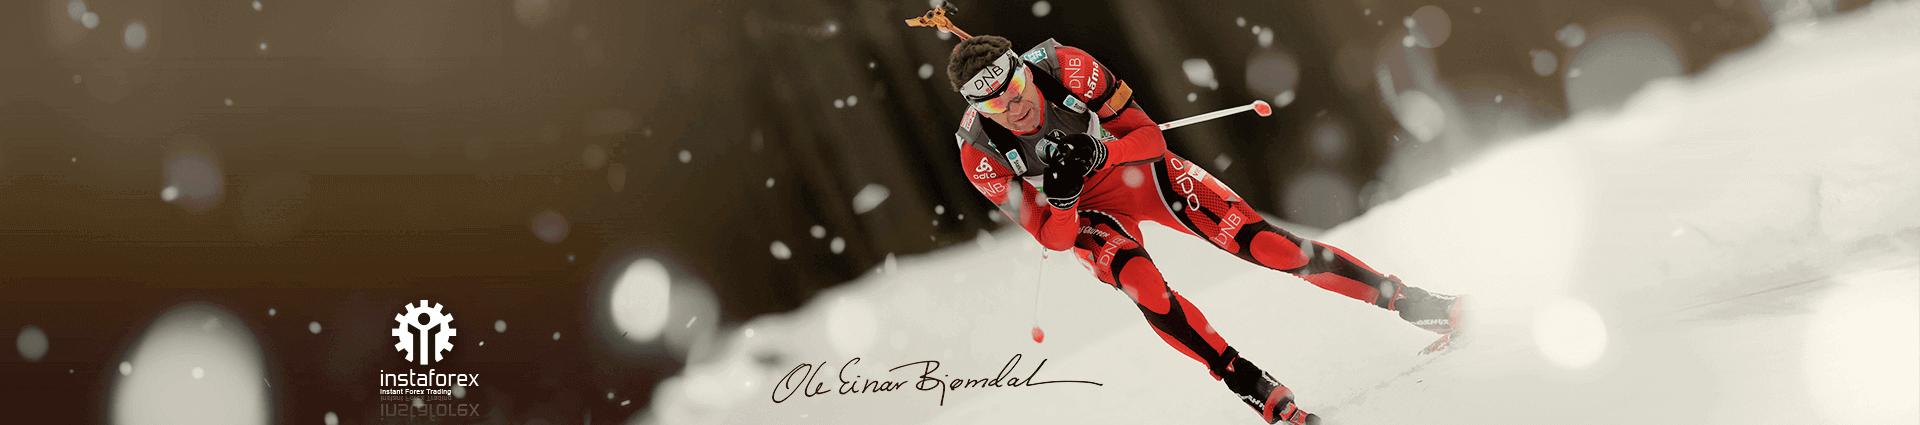 Ole Einar Bjorndalen, embajador de la marca InstaForex